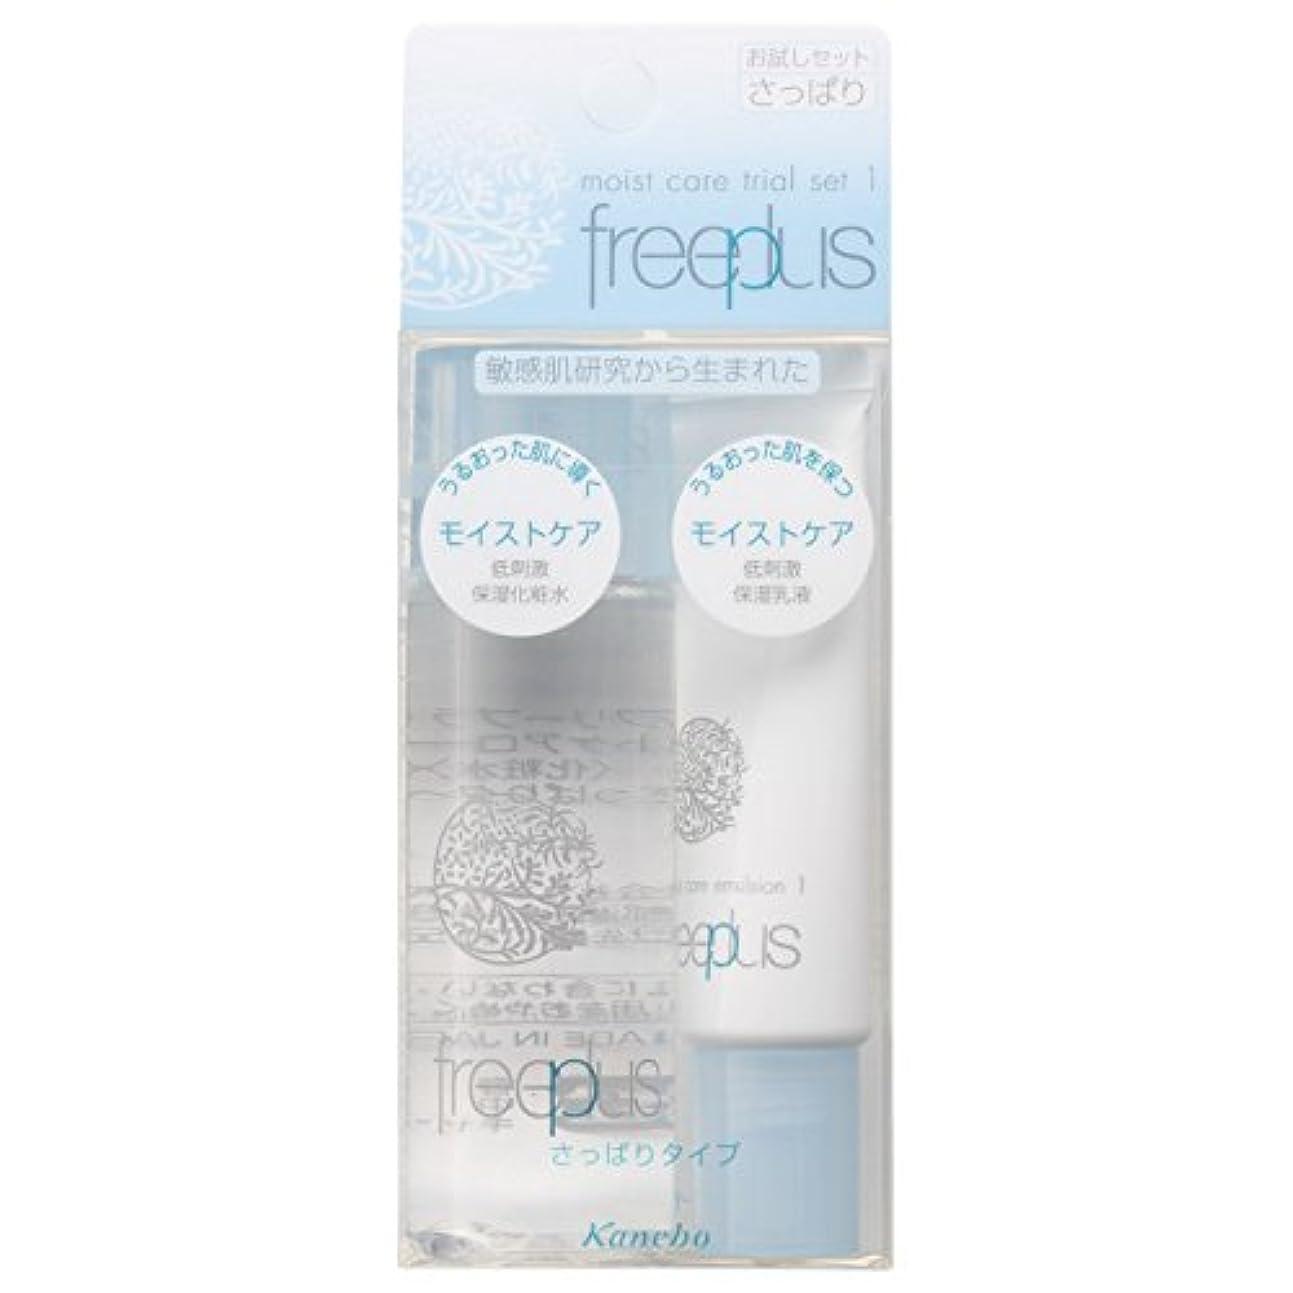 にもかかわらず少し是正フリープラス モイストケアトライアルセット1(さっぱりタイプ 乳液?化粧水)